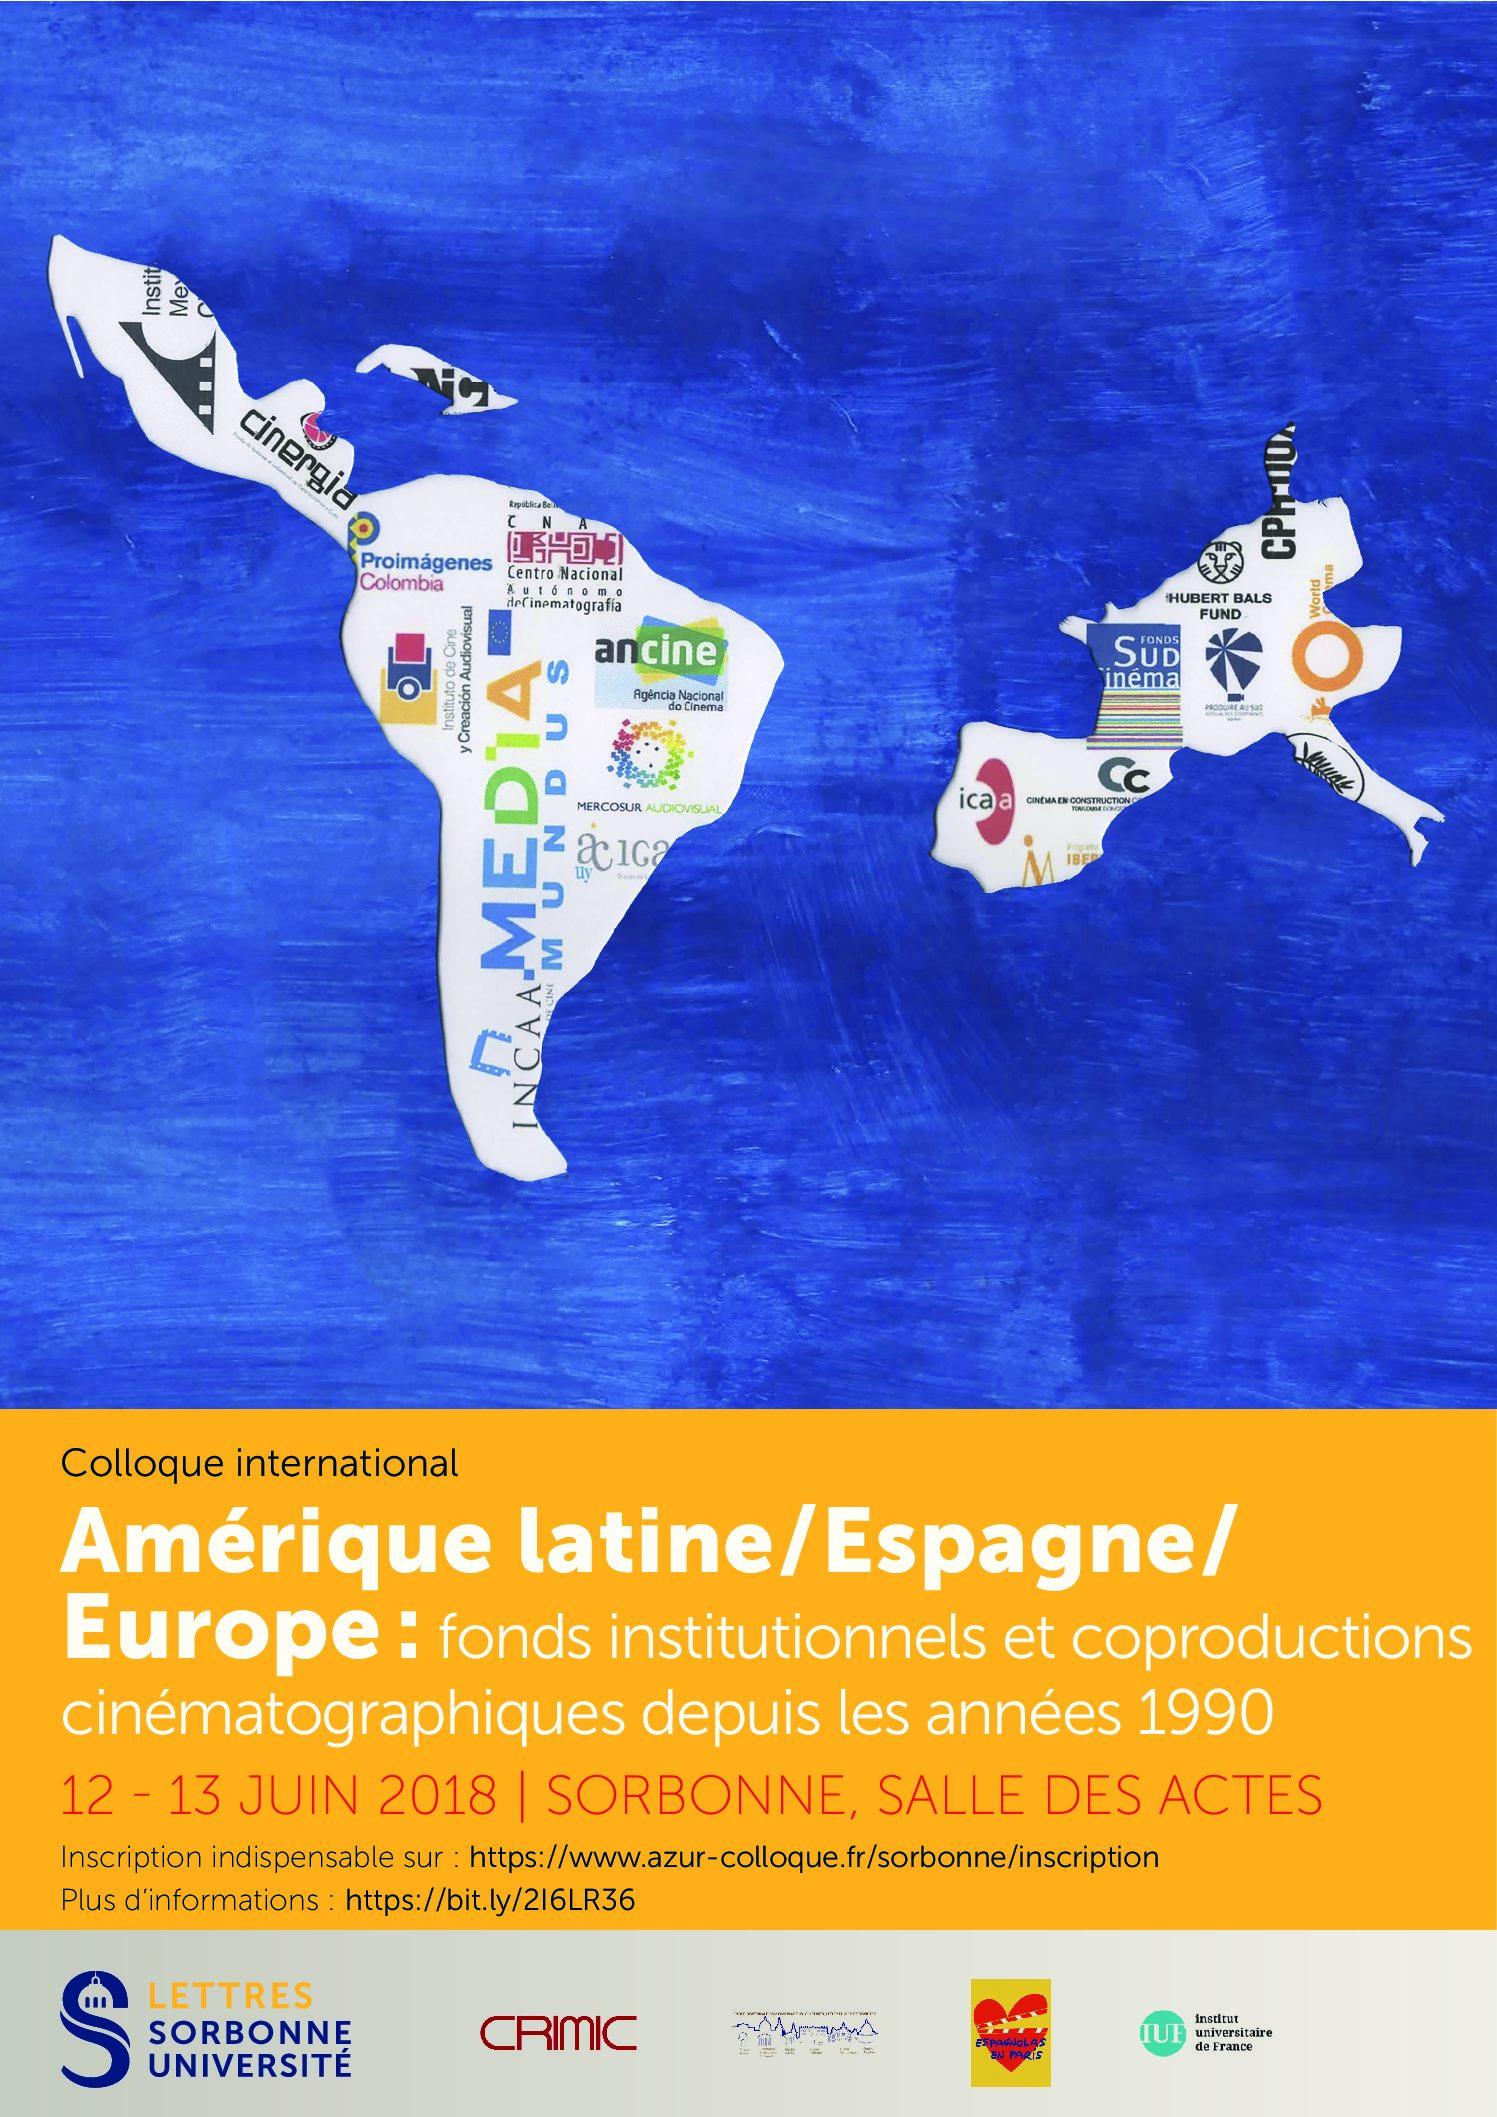 Amérique Latine/Espagne/Europe: questions économiques et esthétiques autour des aides institutionnelles aux cinémas d'Amérique latine depuis les années 1990